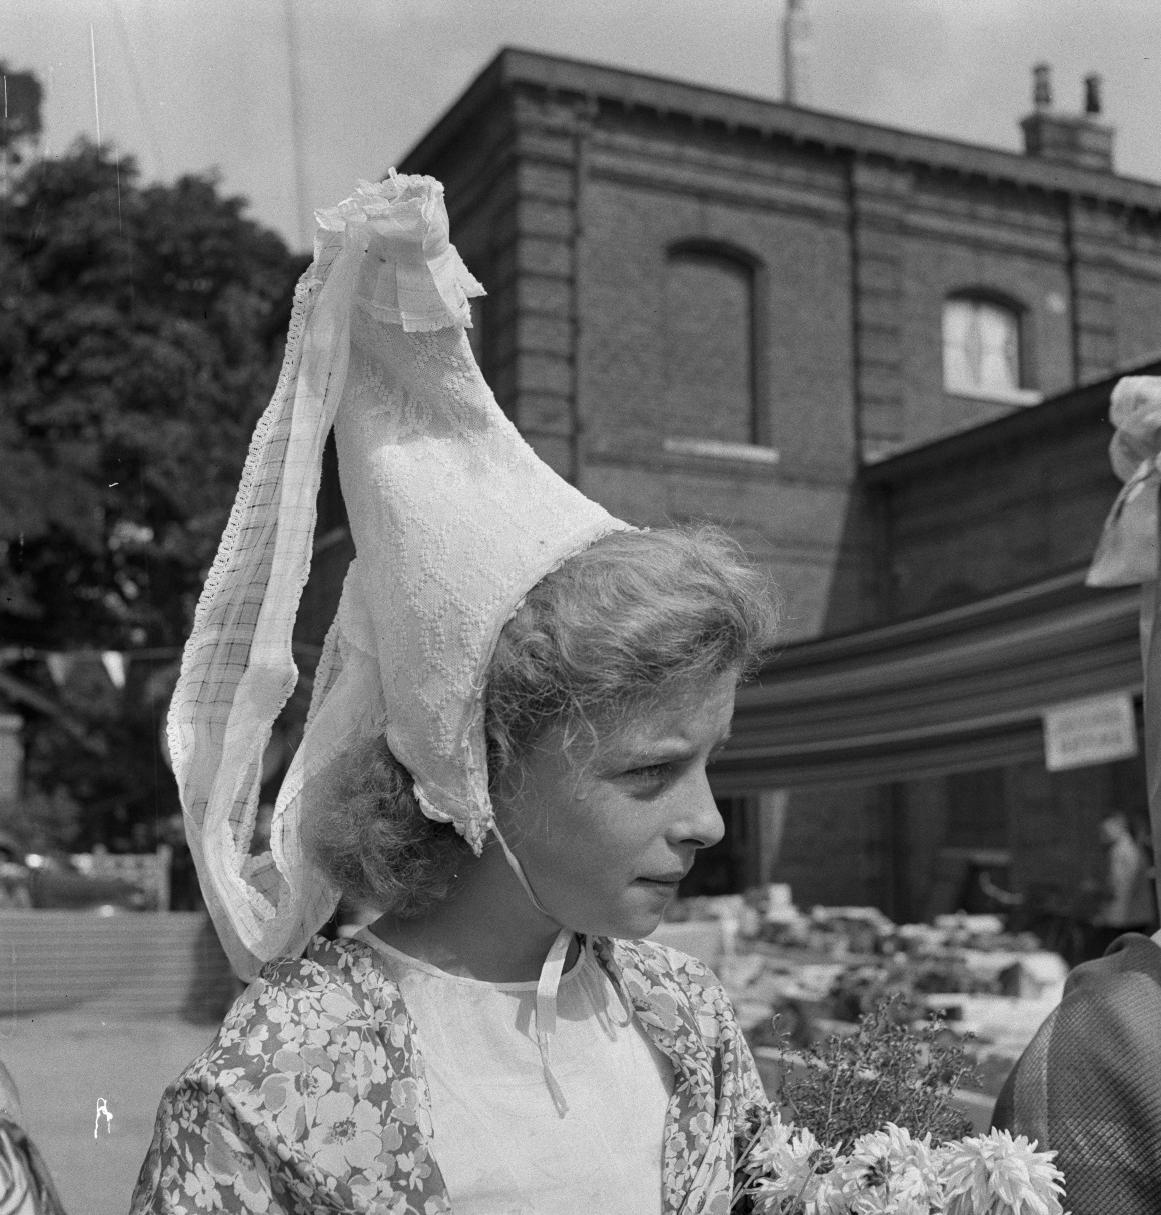 06. Некоторые девушки надели традиционные головные уборы прибрежной Нормандии